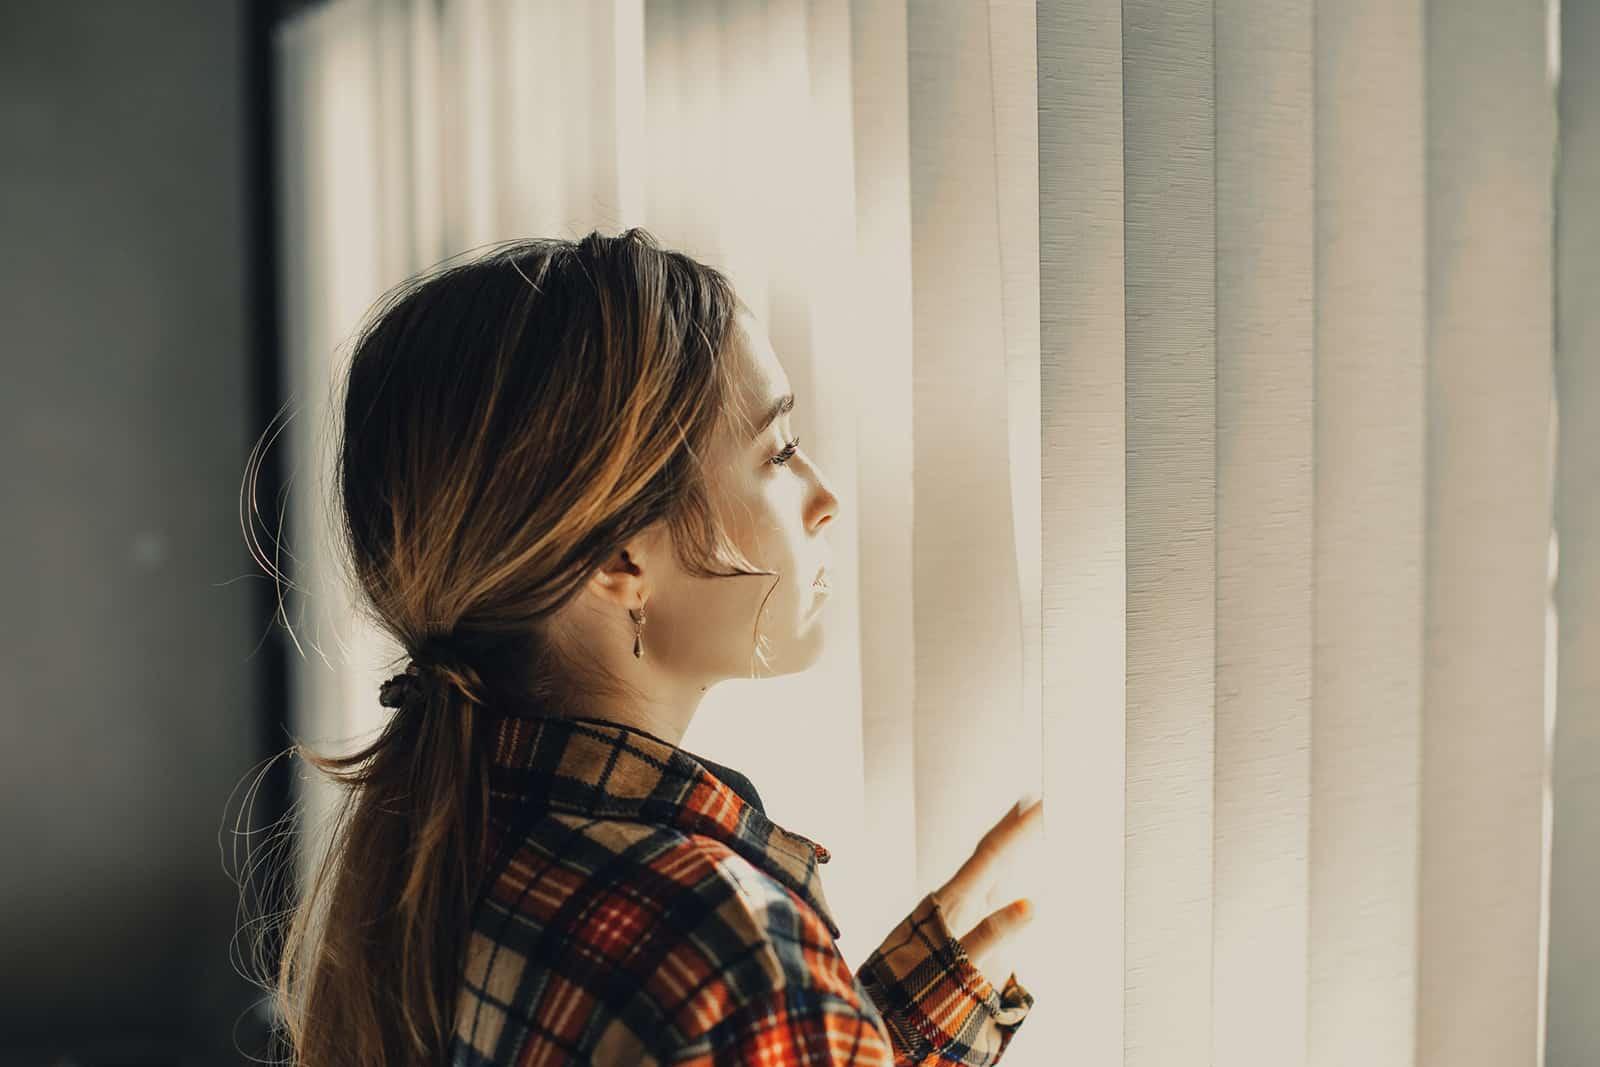 Frau, die durch die Jalousien des Fensters schaut und denkt